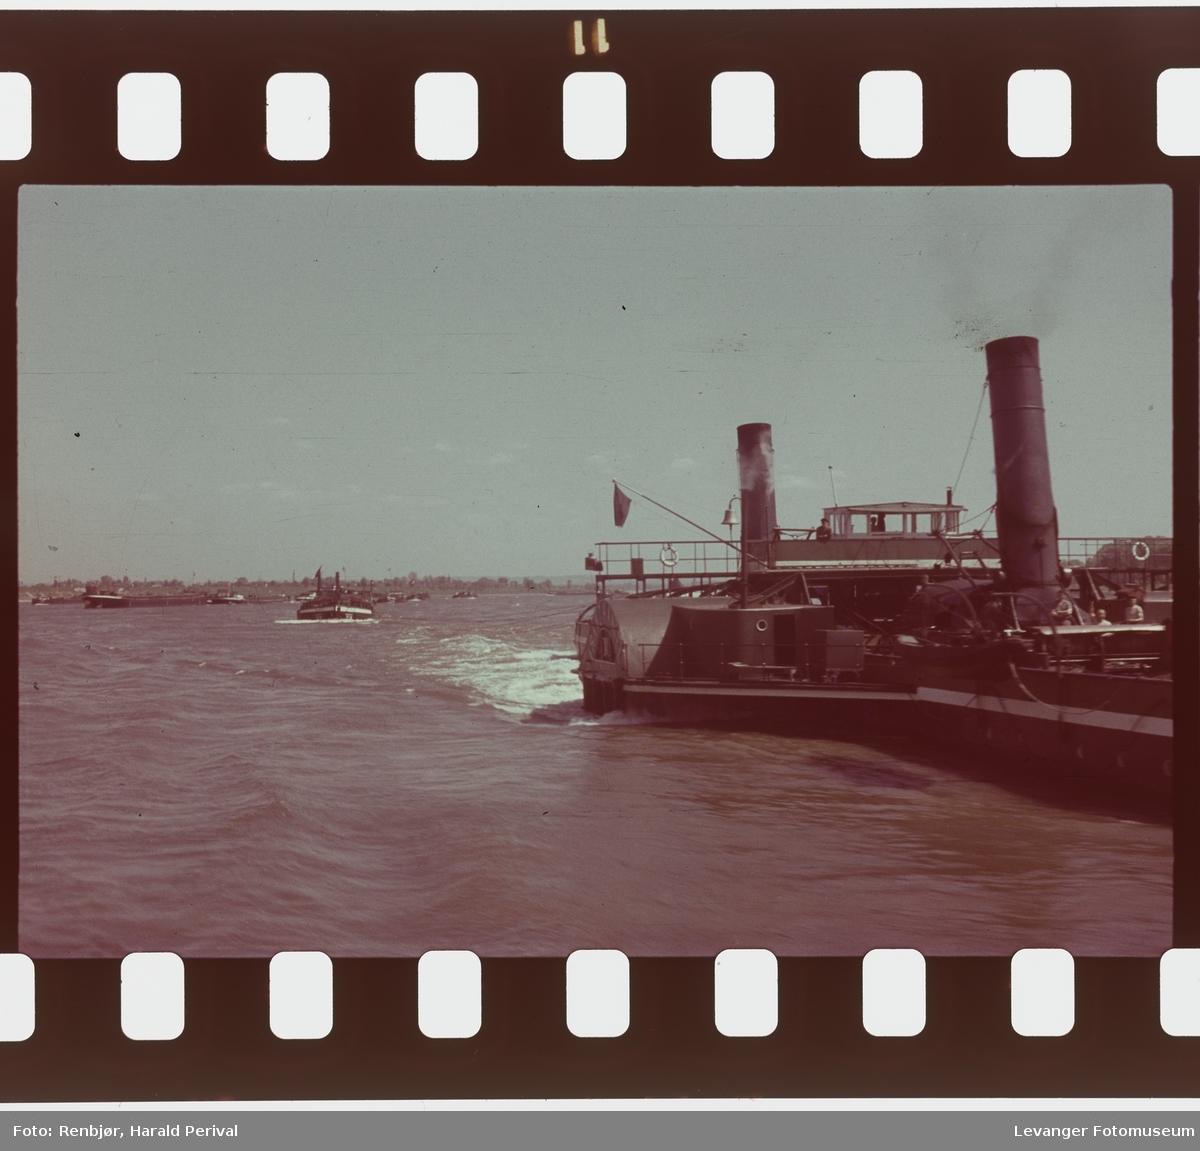 Fra Tyskland i forbindelse med deltakingen på den årlige Fotomessen i Køln.  Dampdreven lekter  på Rhinen.